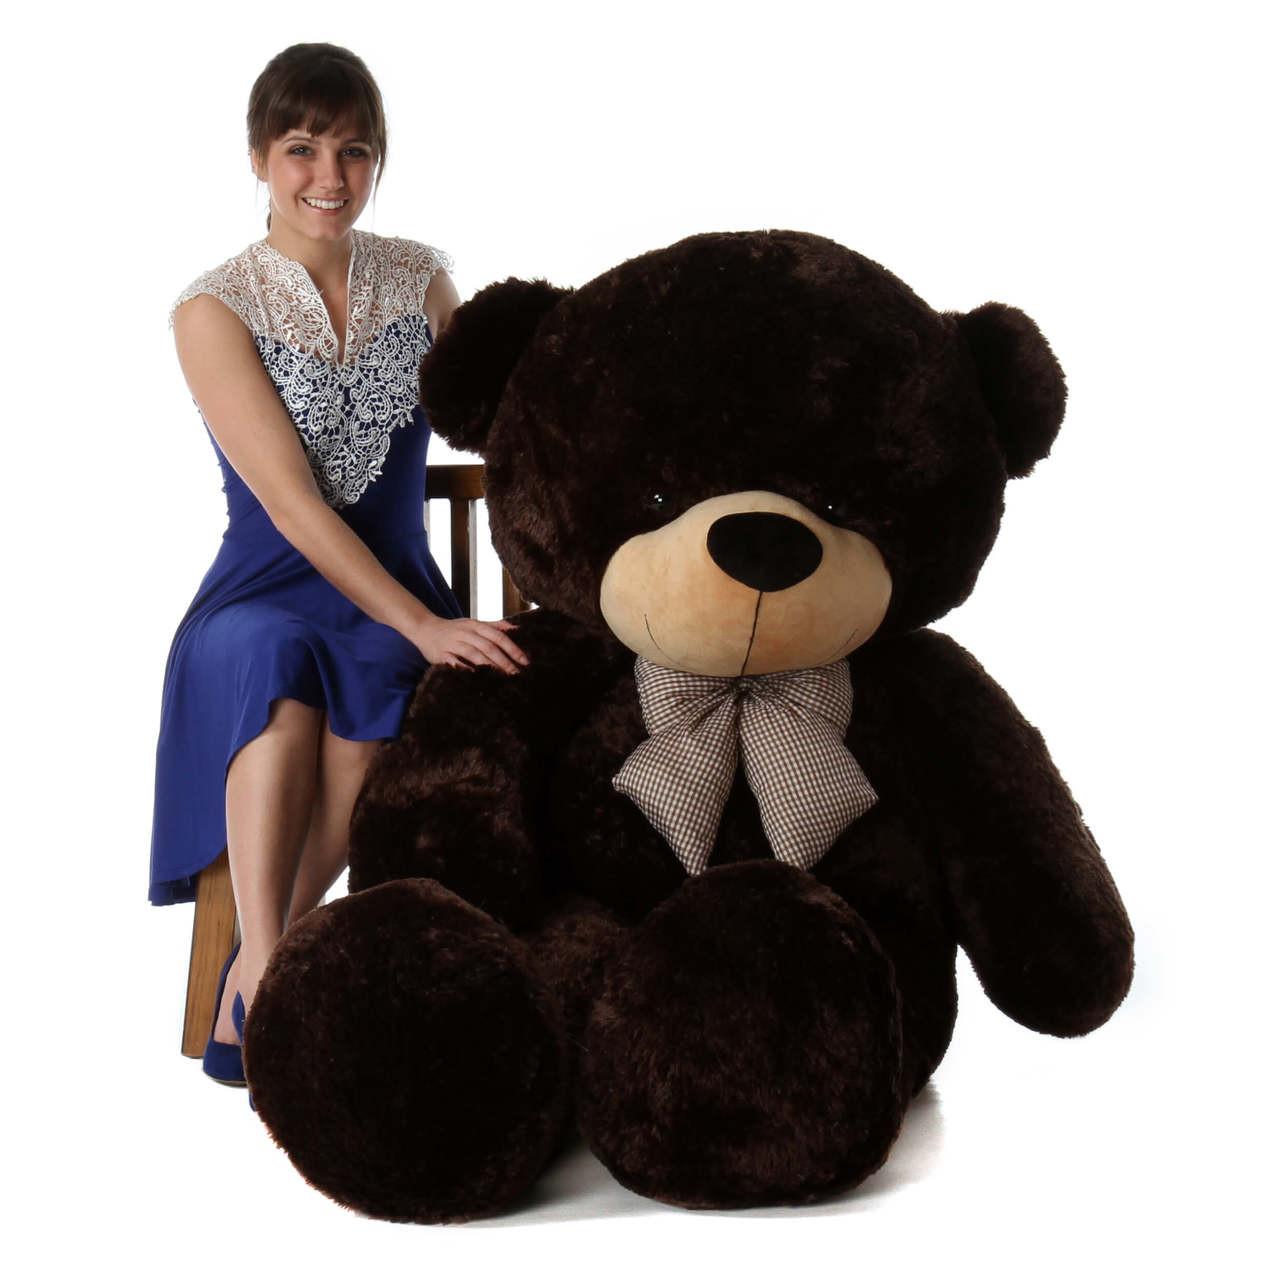 brownie cuddles 6 foot tall brown huge stuffed giant teddy bear